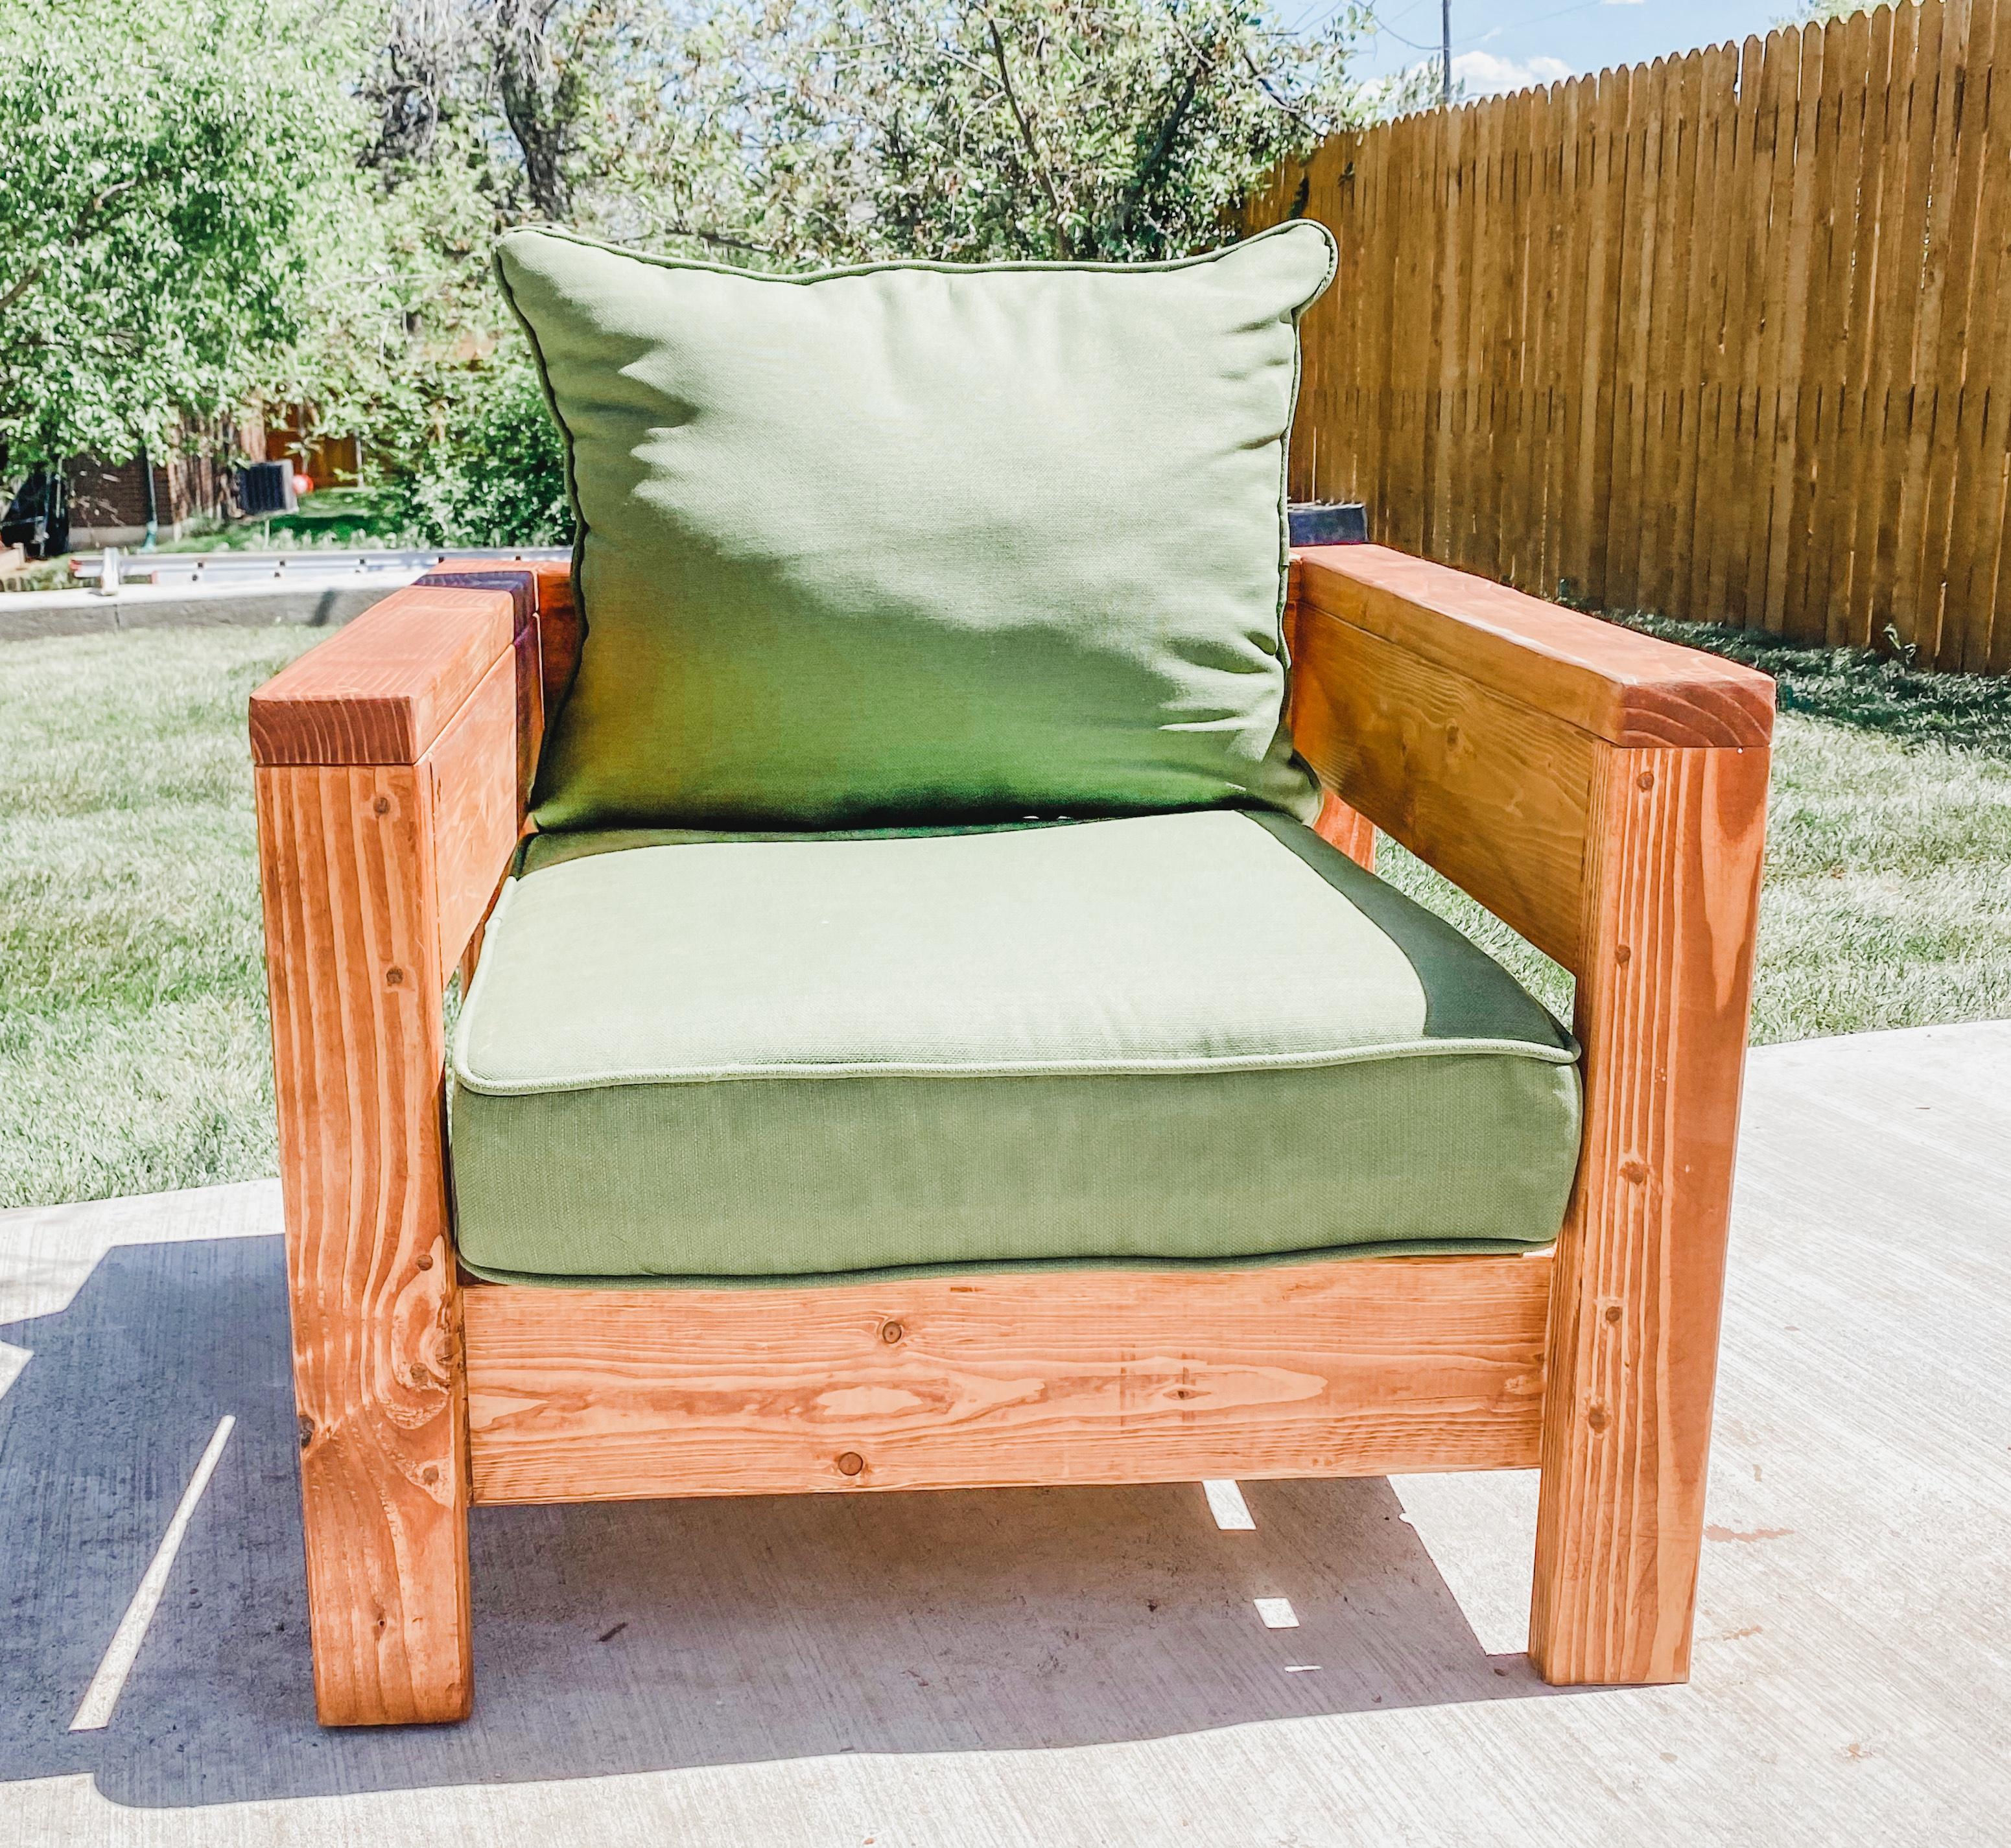 Diy Modern Wood Patio Chairs